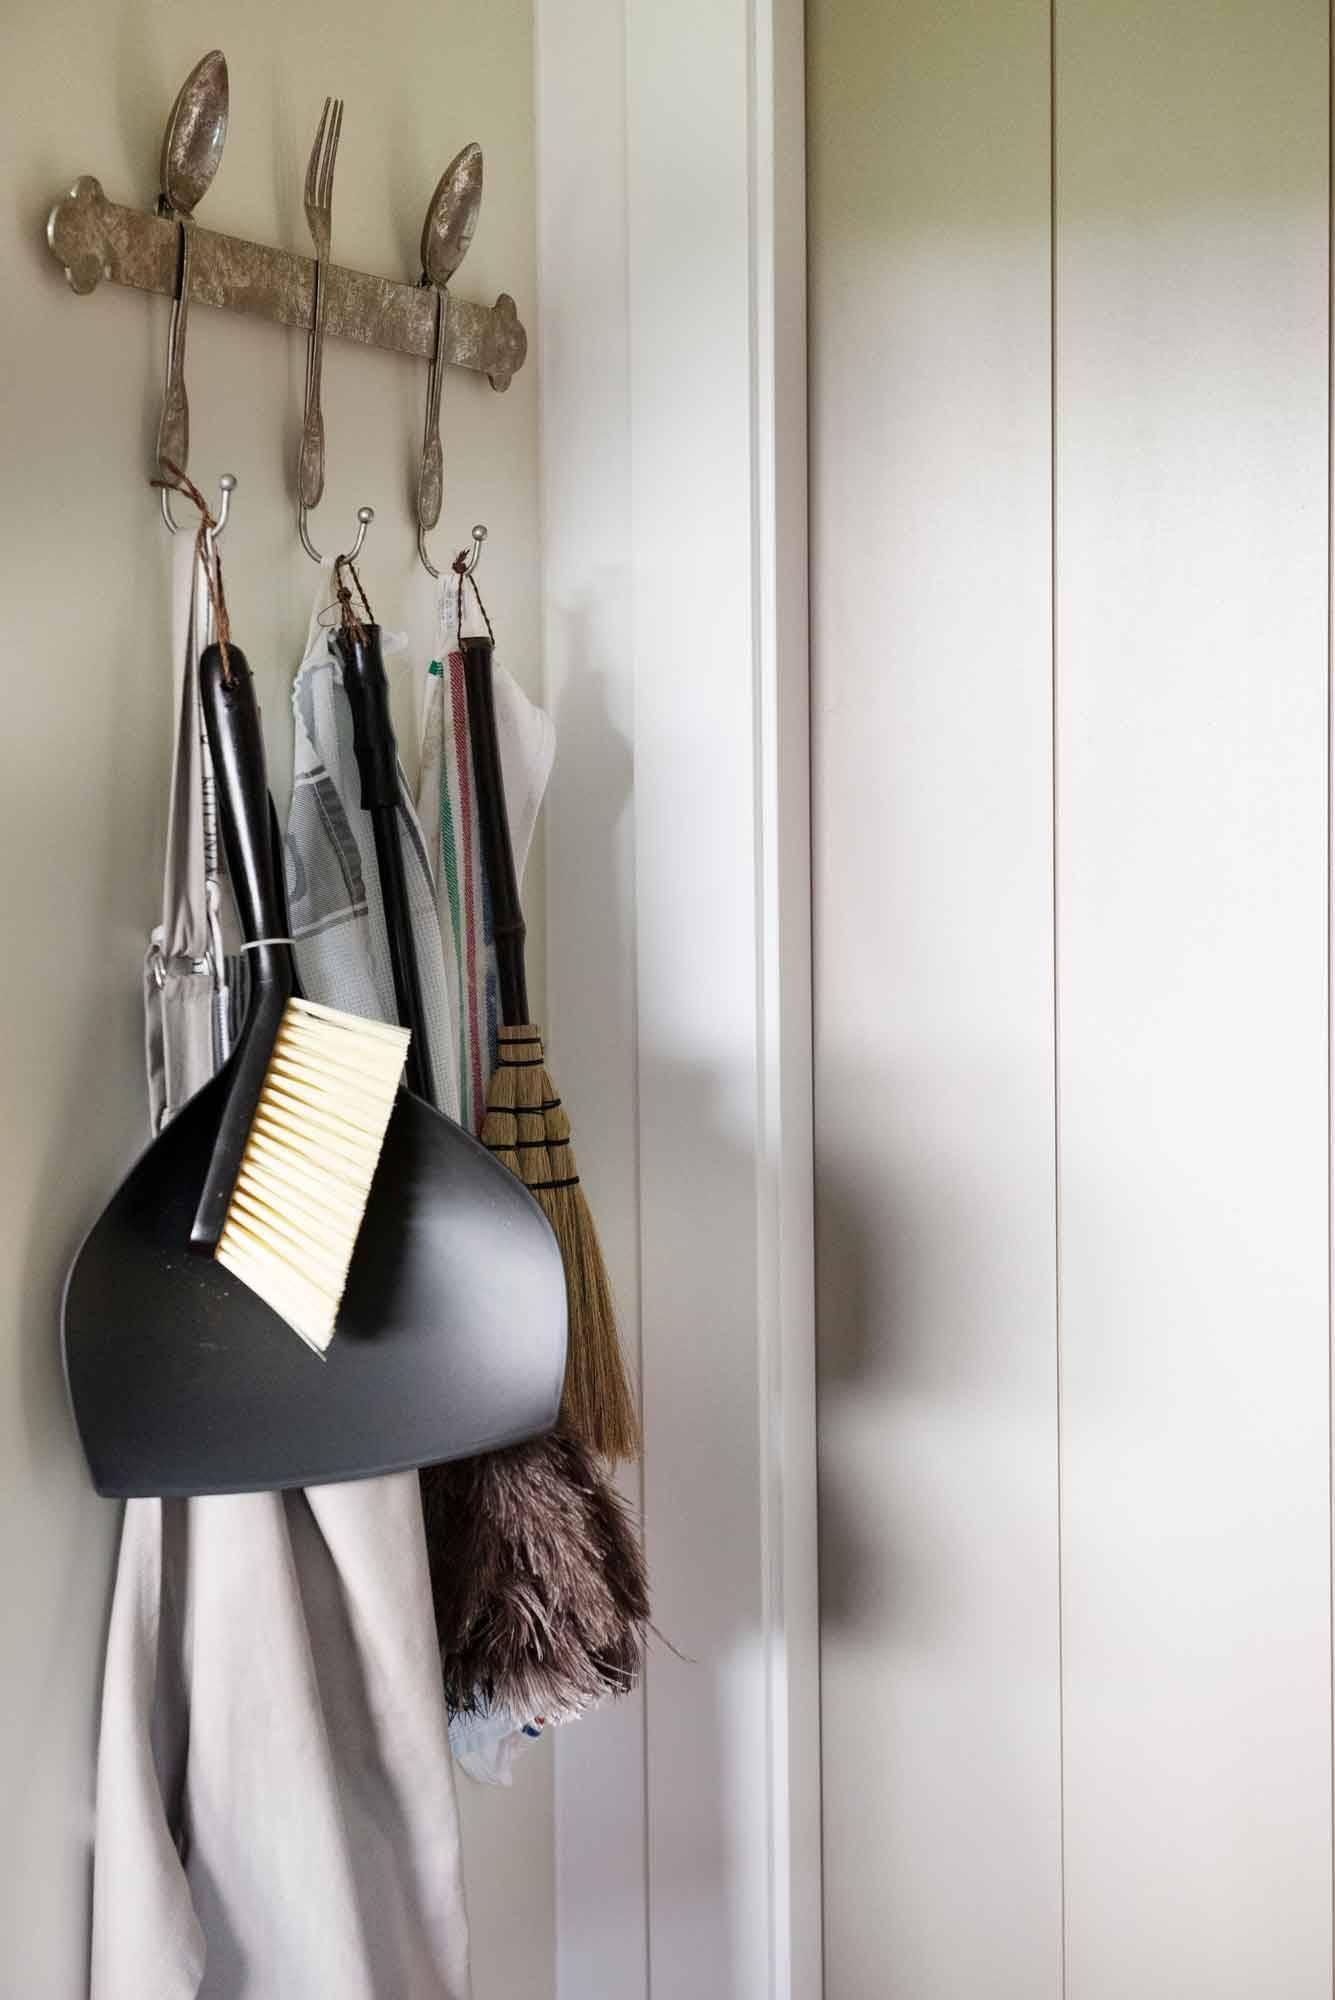 armadio-pulizia-con-utensili-appesi-00524763 O. Cosa eliminare dall'armadio delle pulizie?